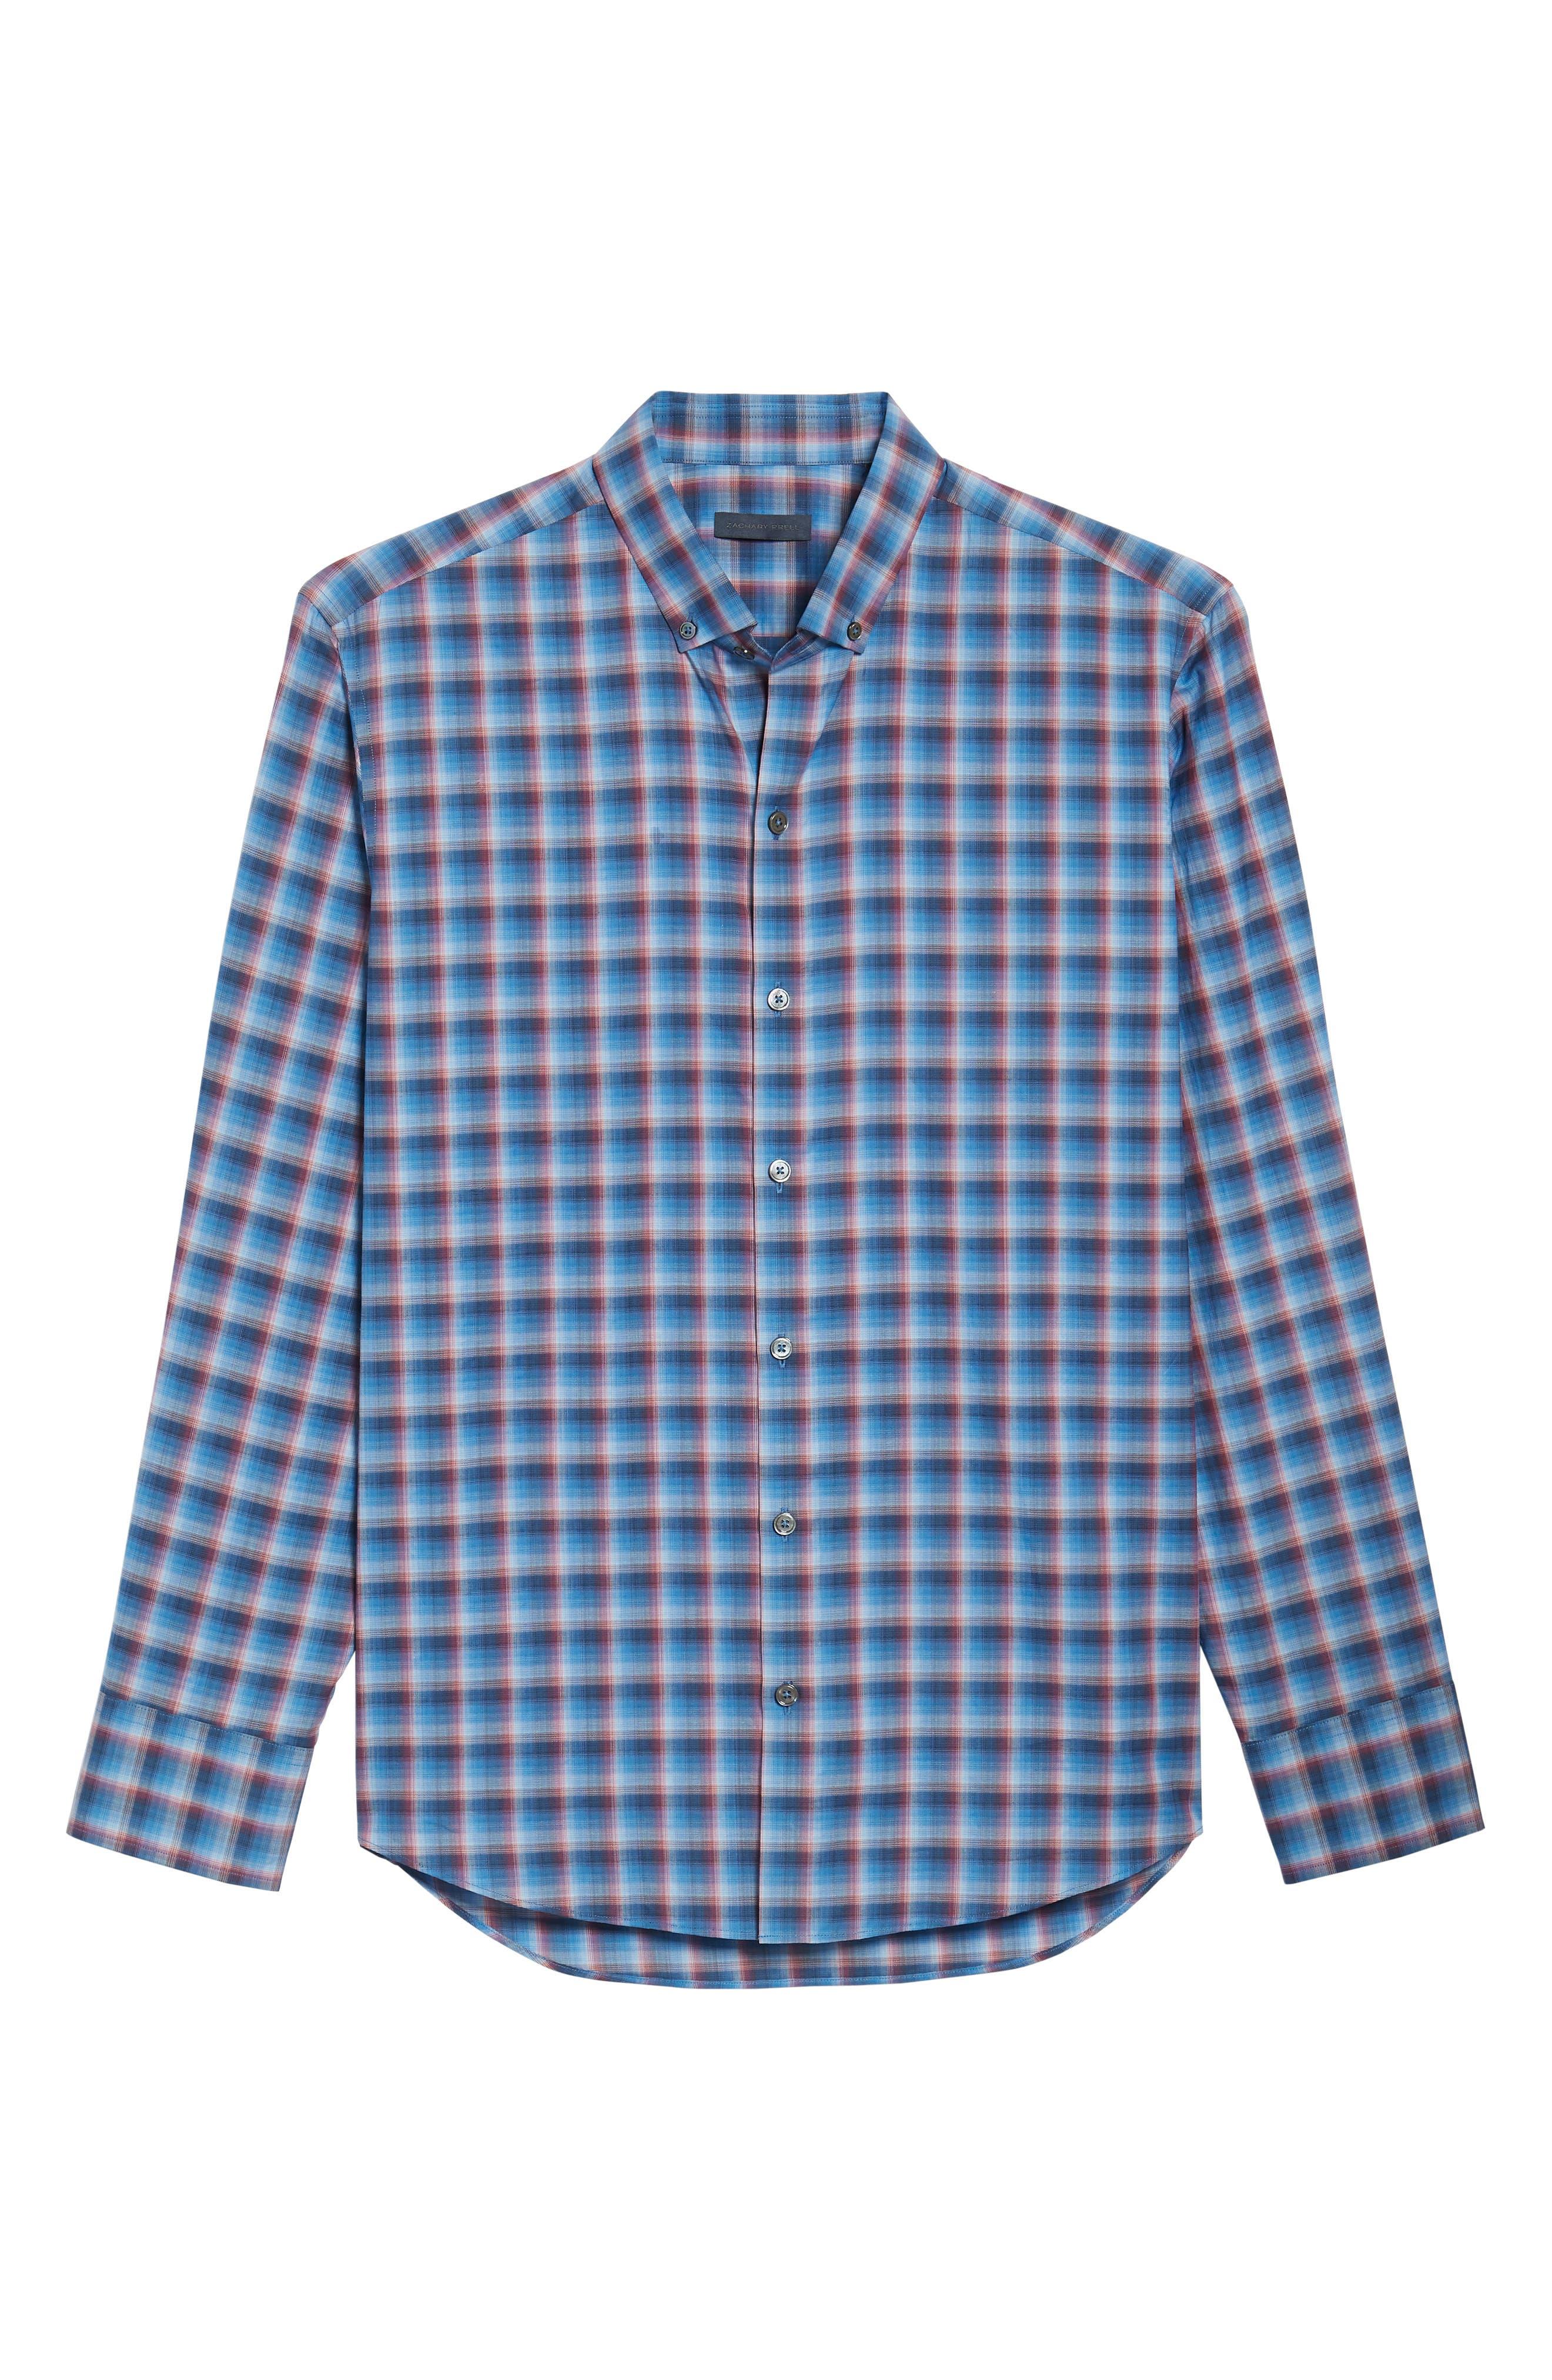 Pinker Plaid Sport Shirt,                             Alternate thumbnail 6, color,                             401